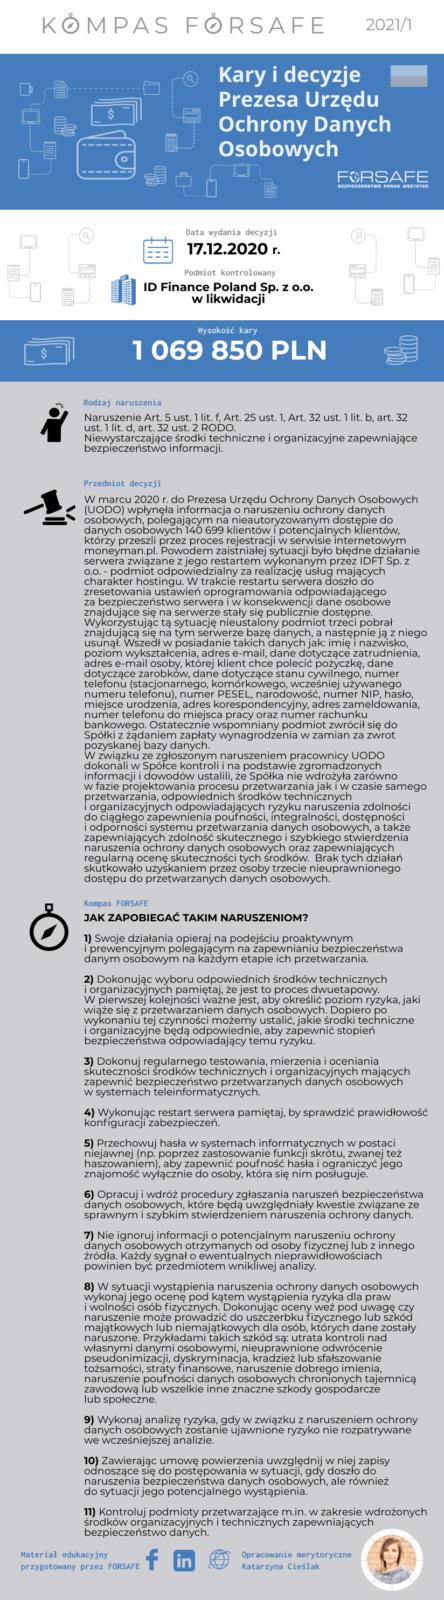 Kompas FORSAFE PL 2021 1 1 KOMPAS FORSAFE PL 2021/1 - Kara dla ID Finance Poland